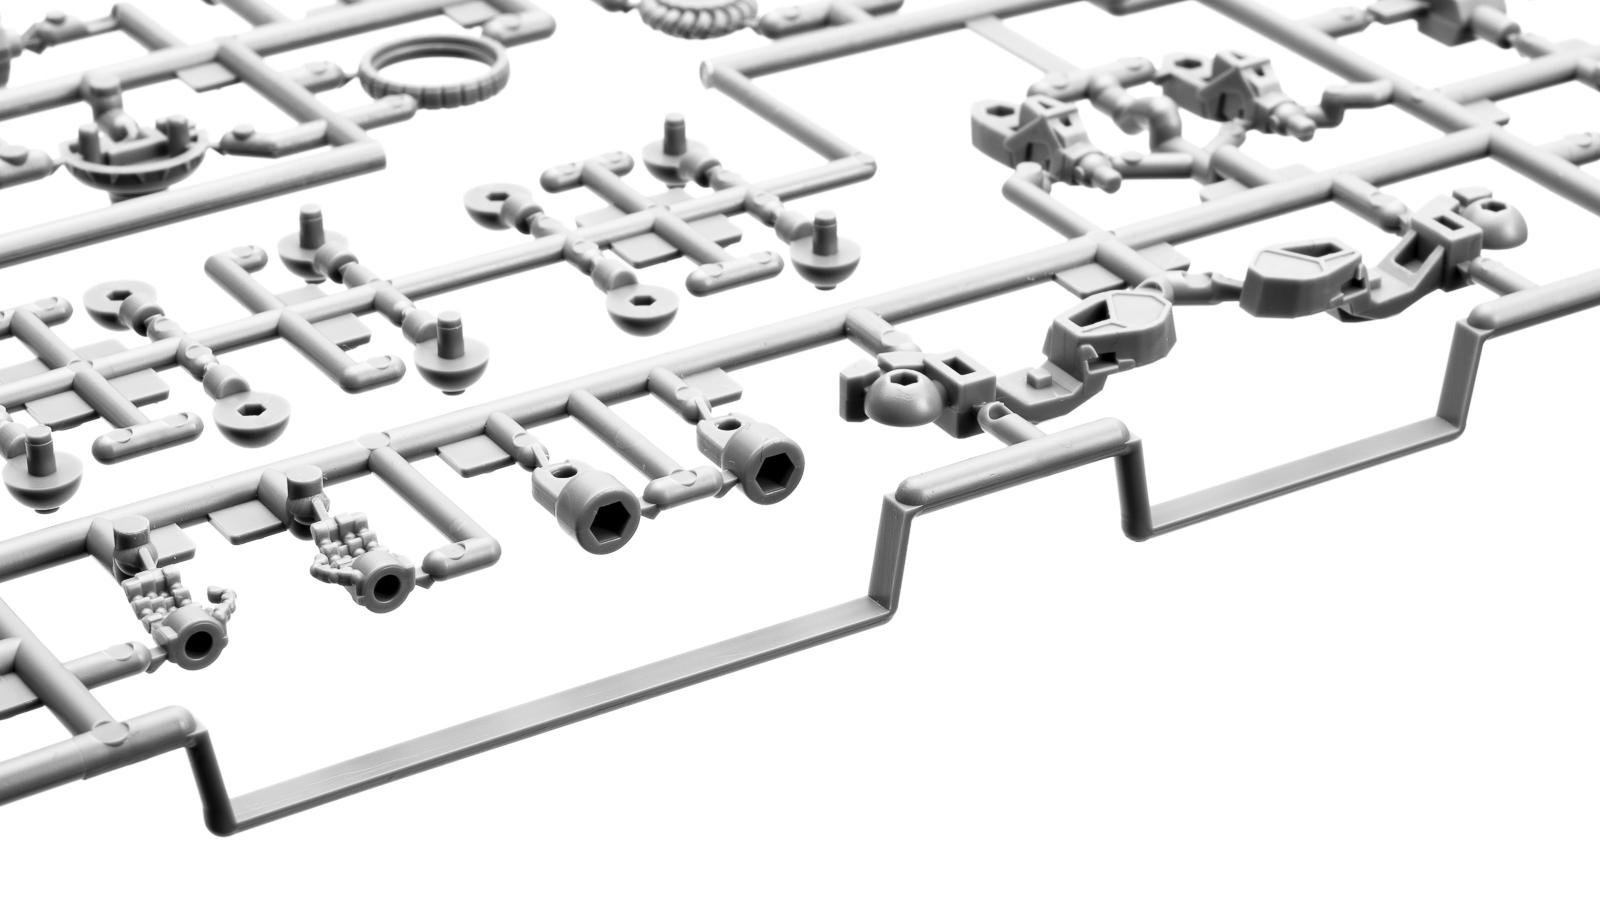 突如バラ撒かれた「リアルロボット」の素体をキミはもう組んだか。_b0029315_18115899.jpg